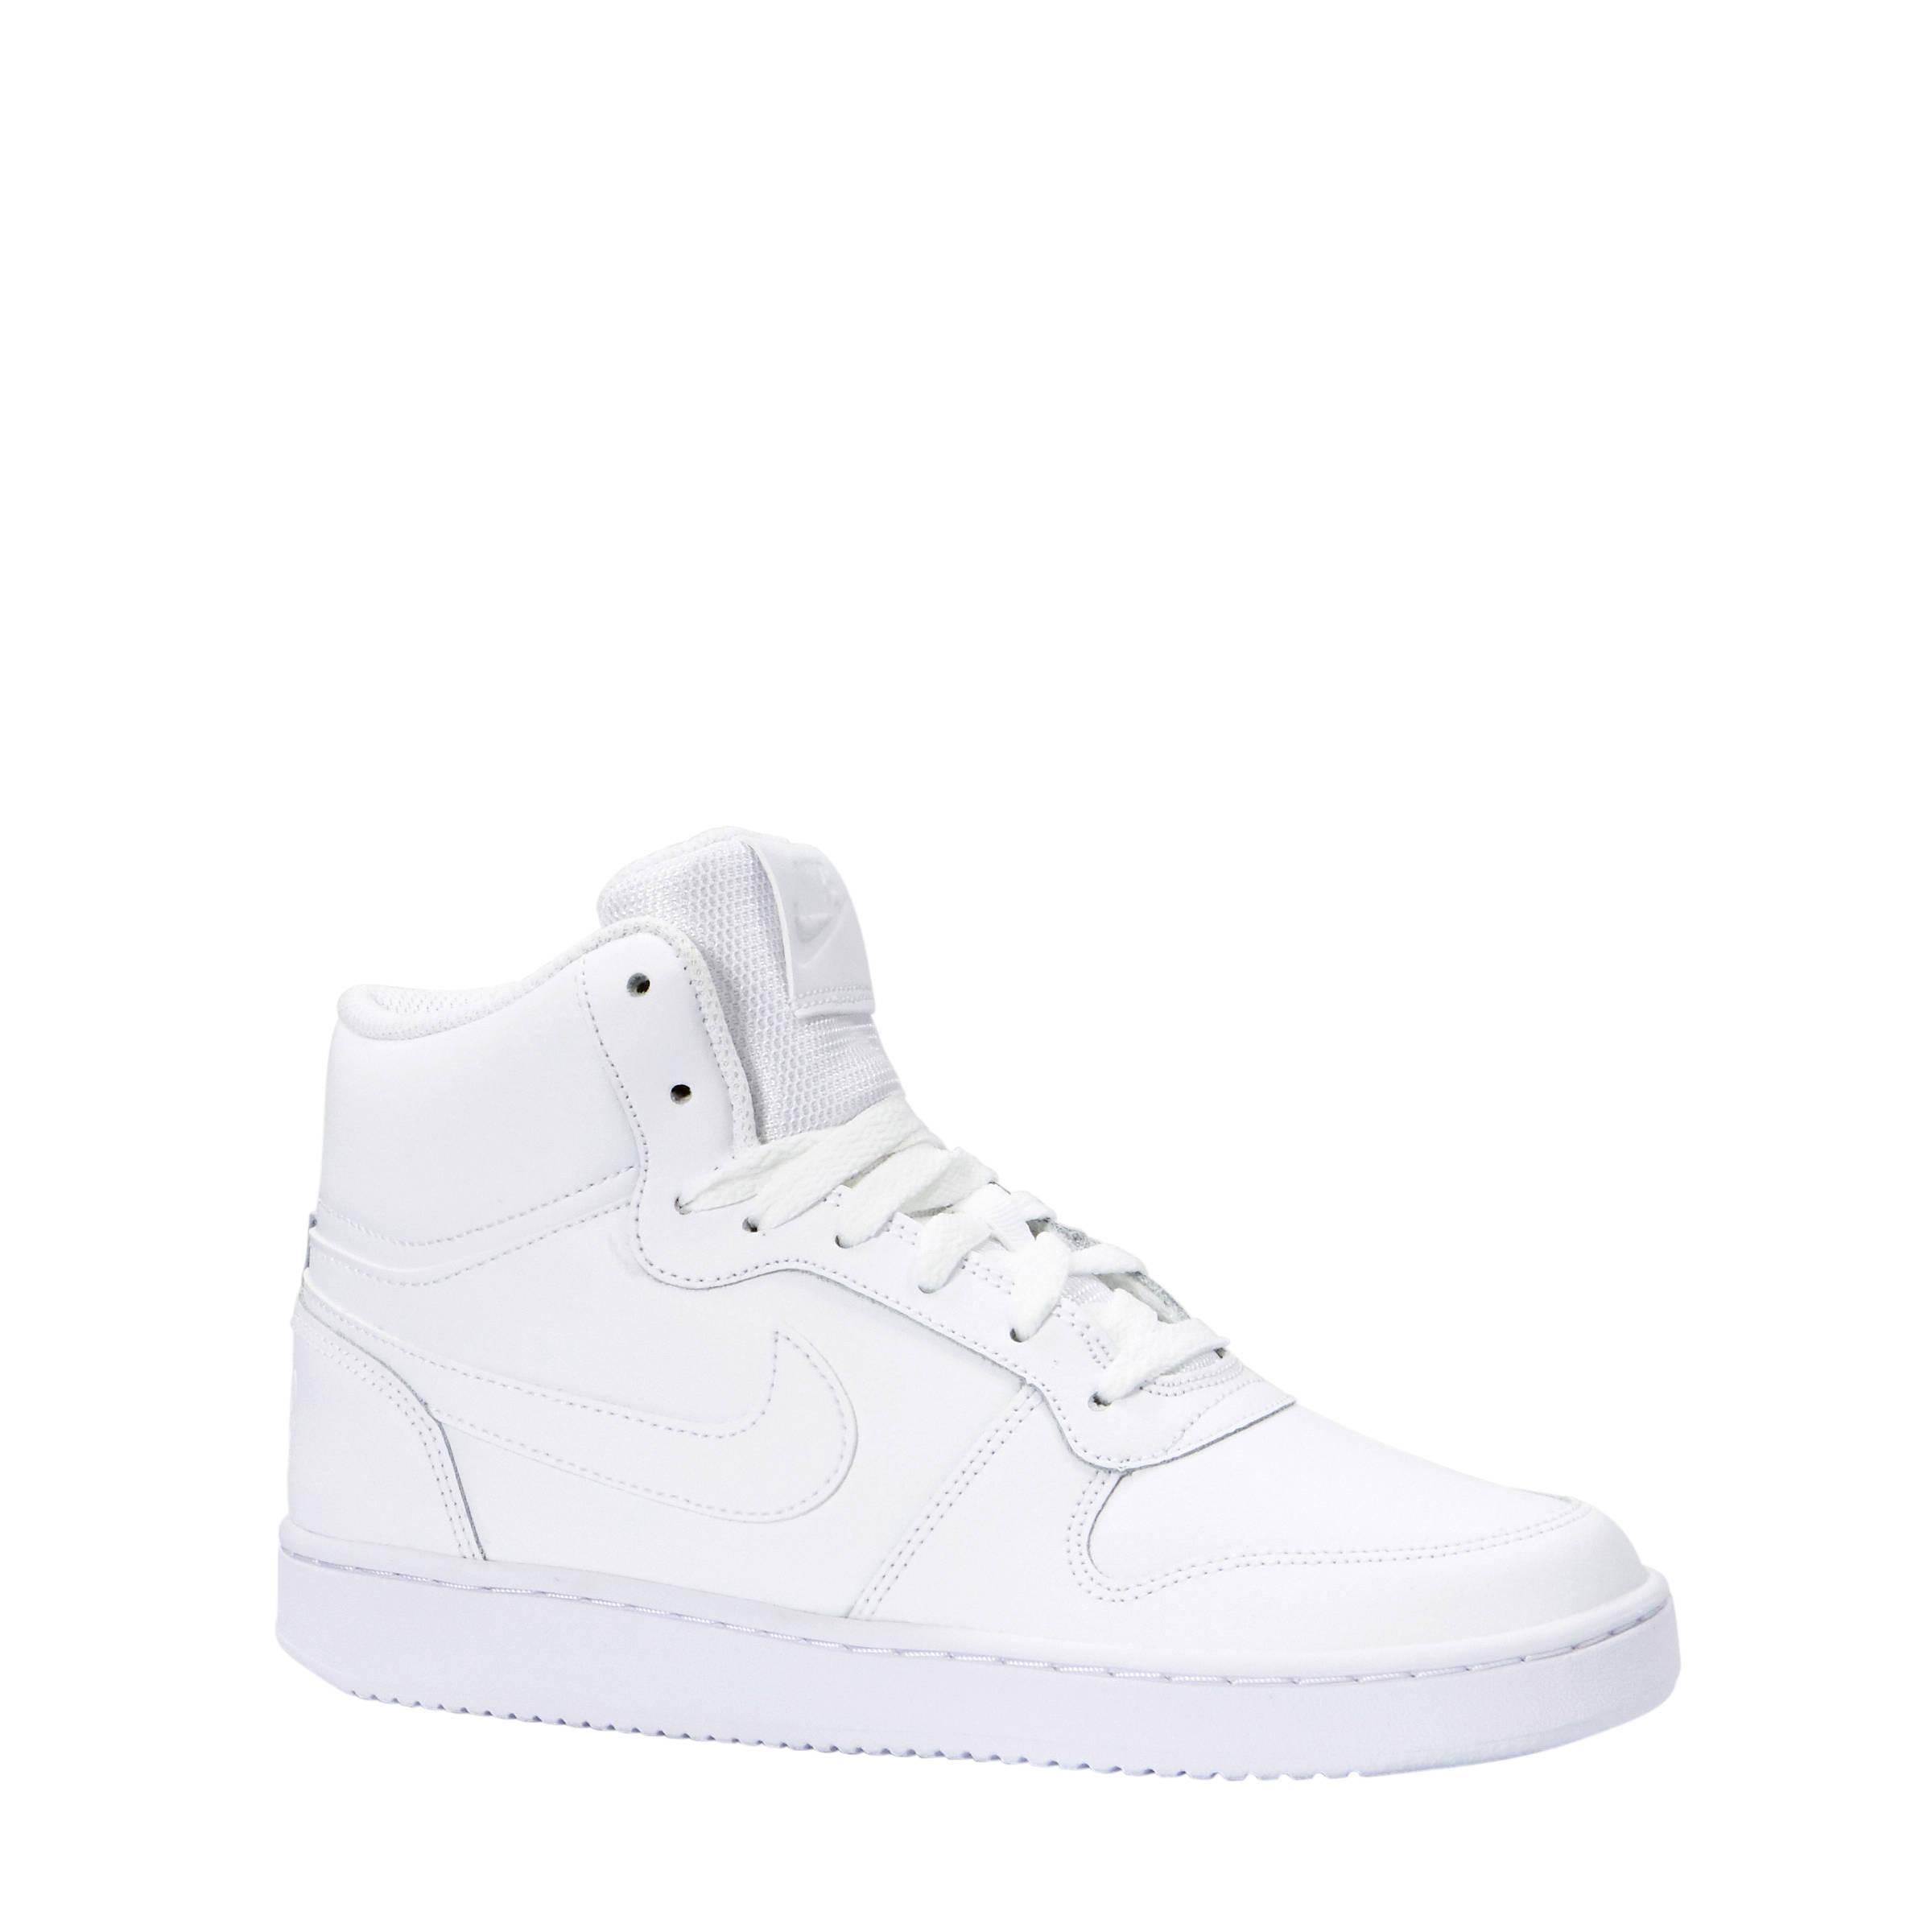 Ebernon Mid sneakers wit